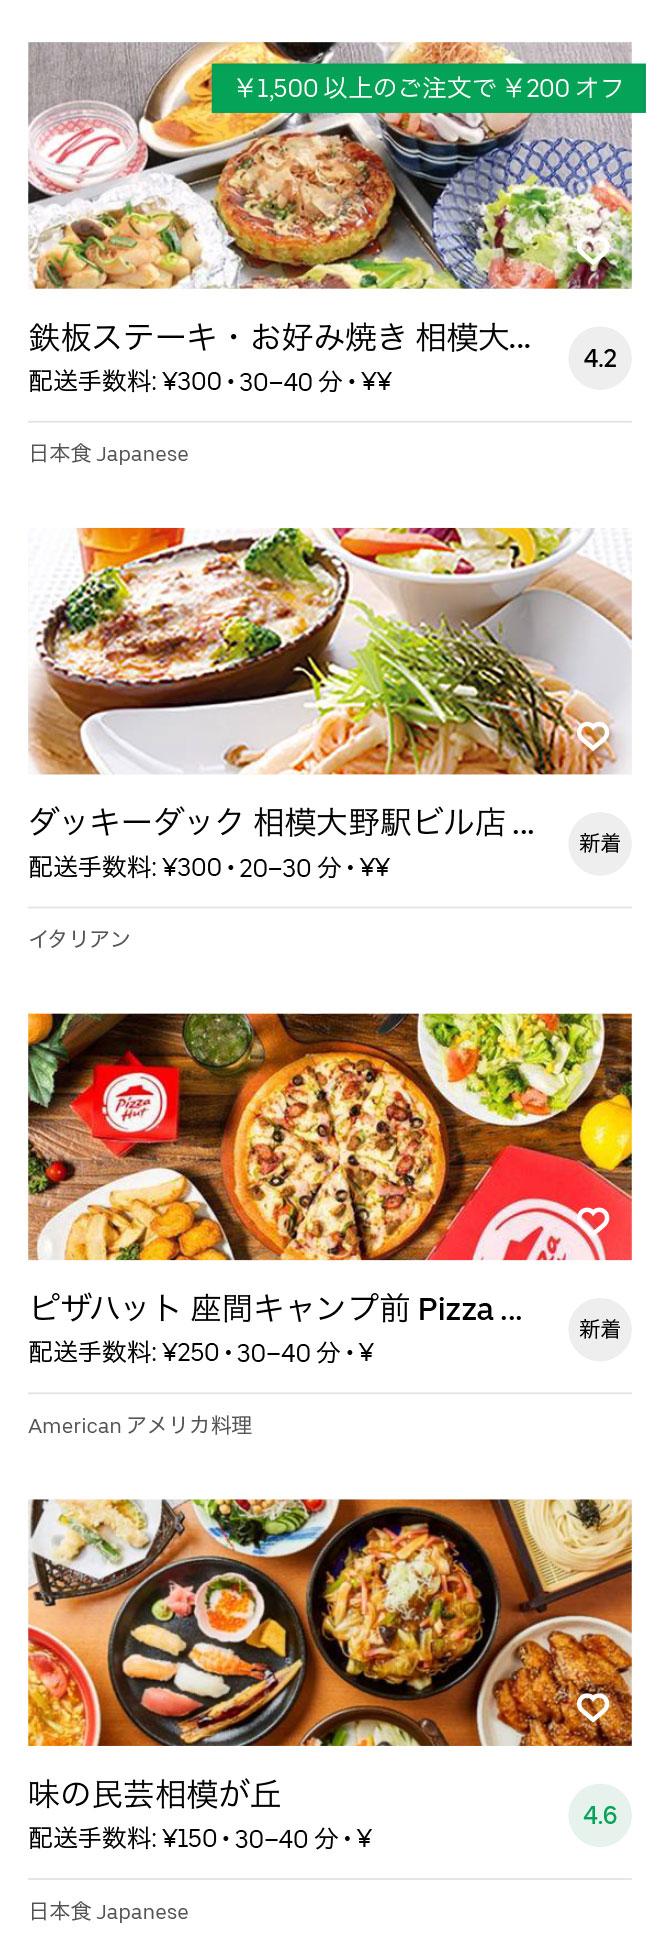 Odakyu sagamihara menu 2008 11